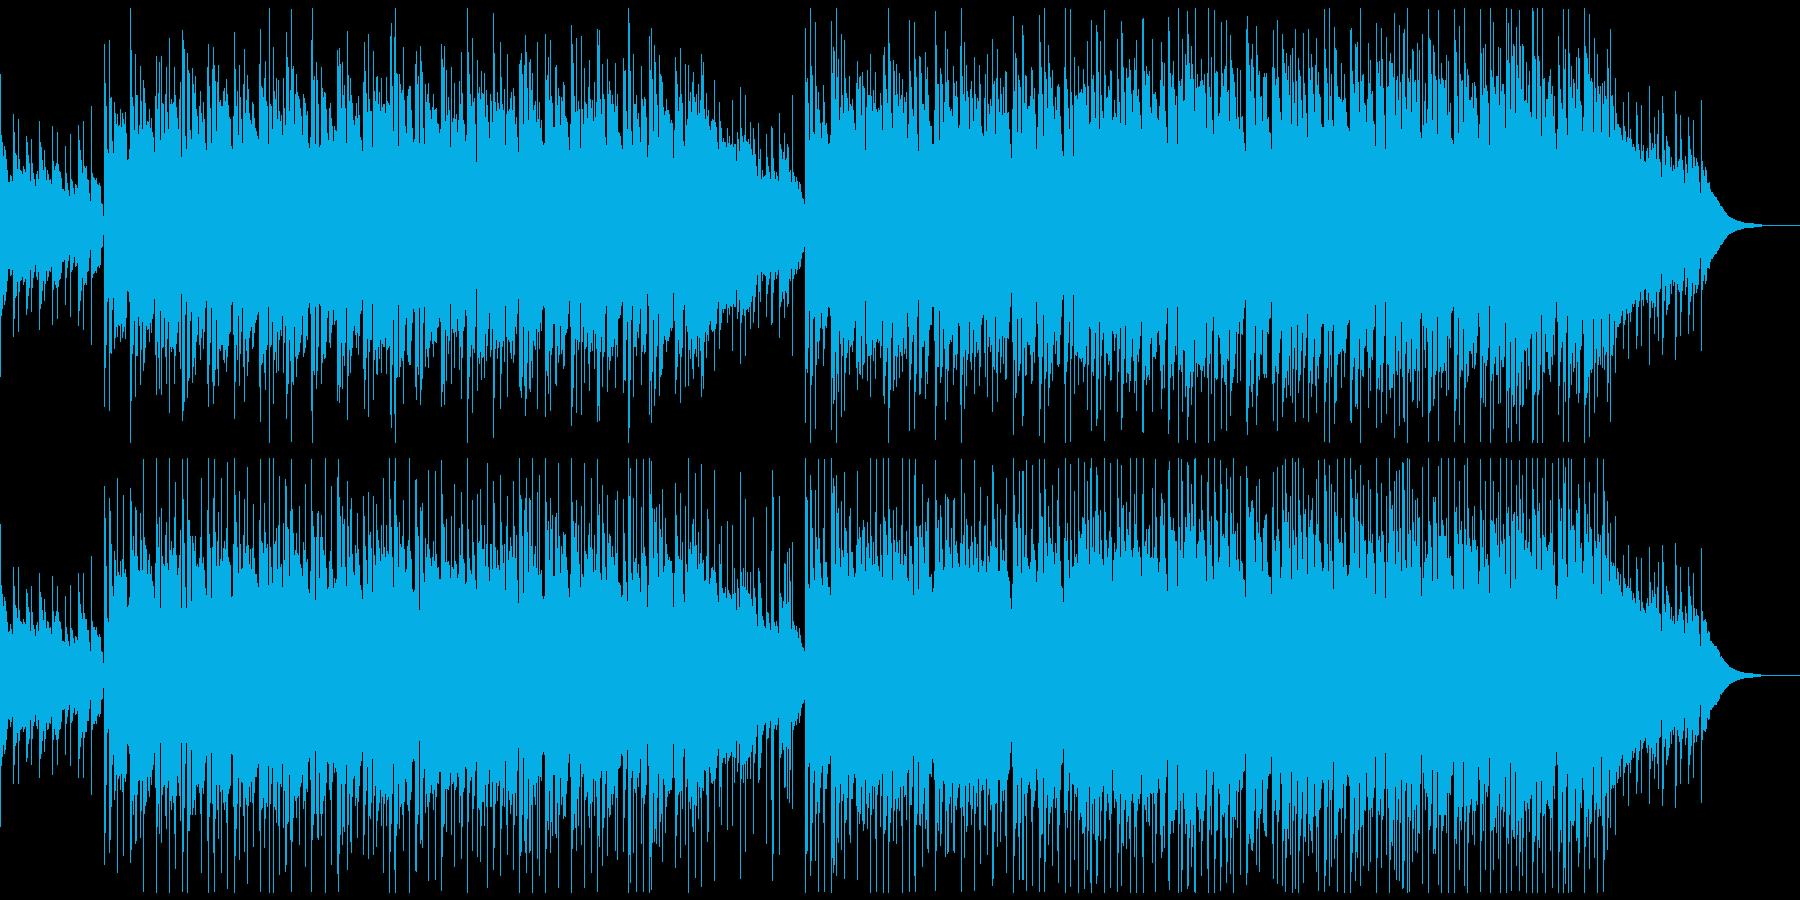 アコギ(生演奏)&バンドの爽やかBGM2の再生済みの波形